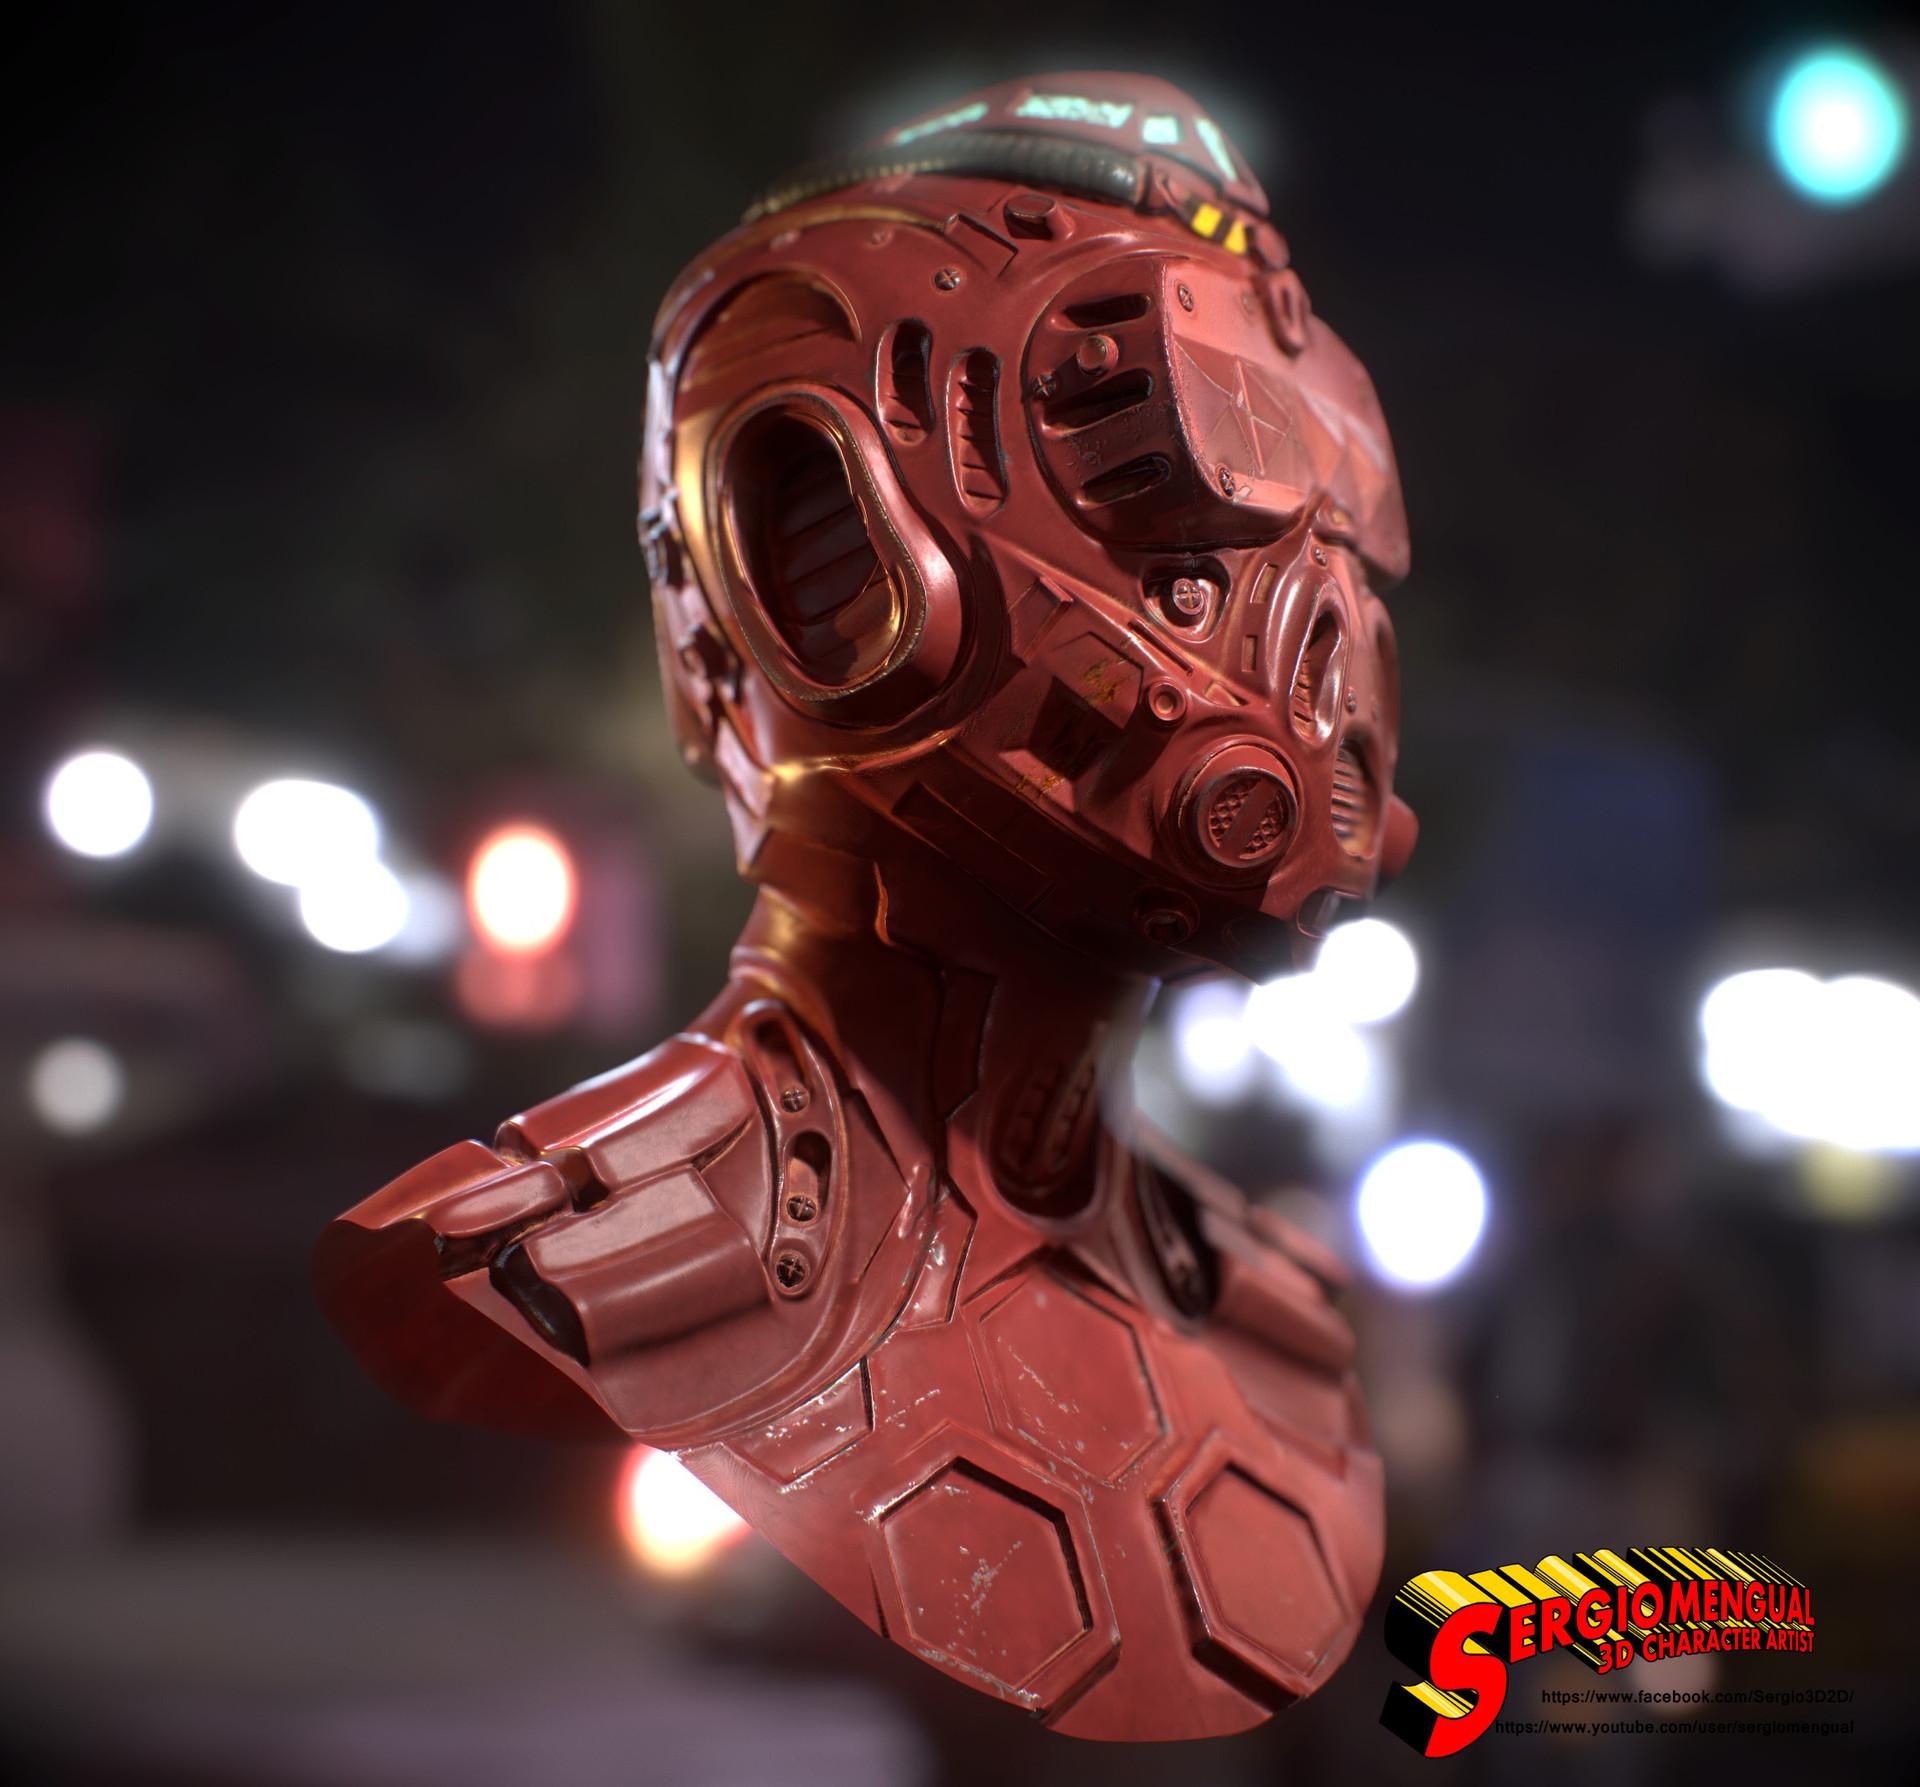 Sergio gabriel mengual cyborg publish2